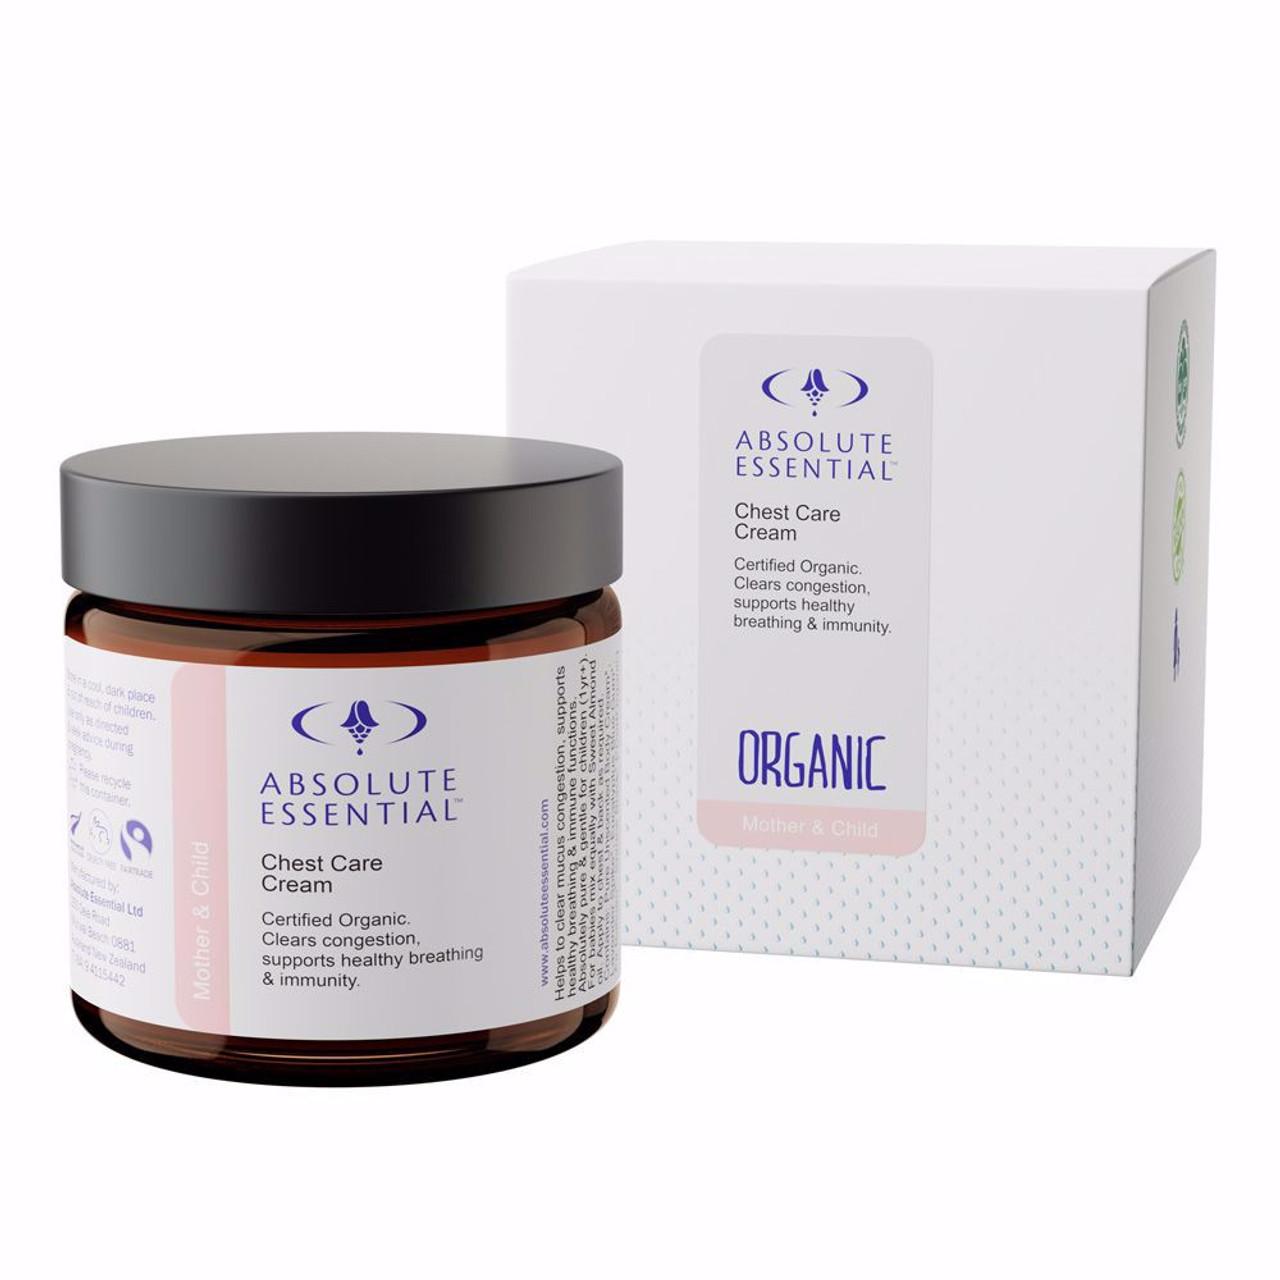 Absolute Essential - Chest Care Cream (Organic)